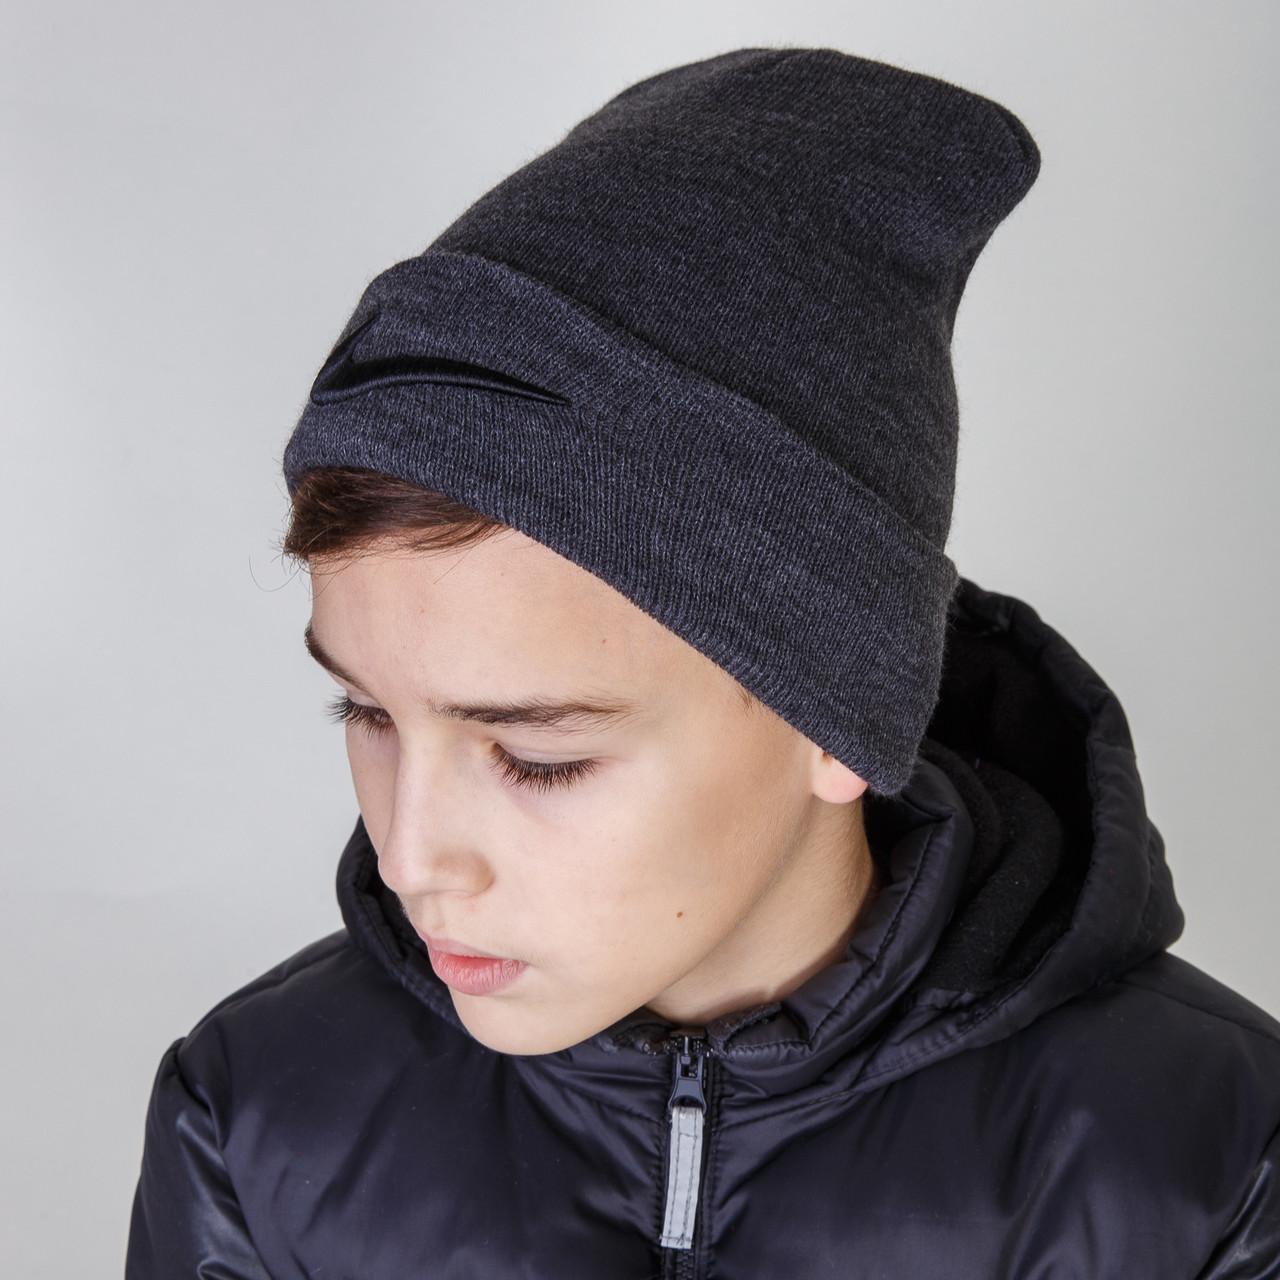 Стильная шапка на зиму для мальчика фирмы Nike (реплика) оптом - Артикул 2907